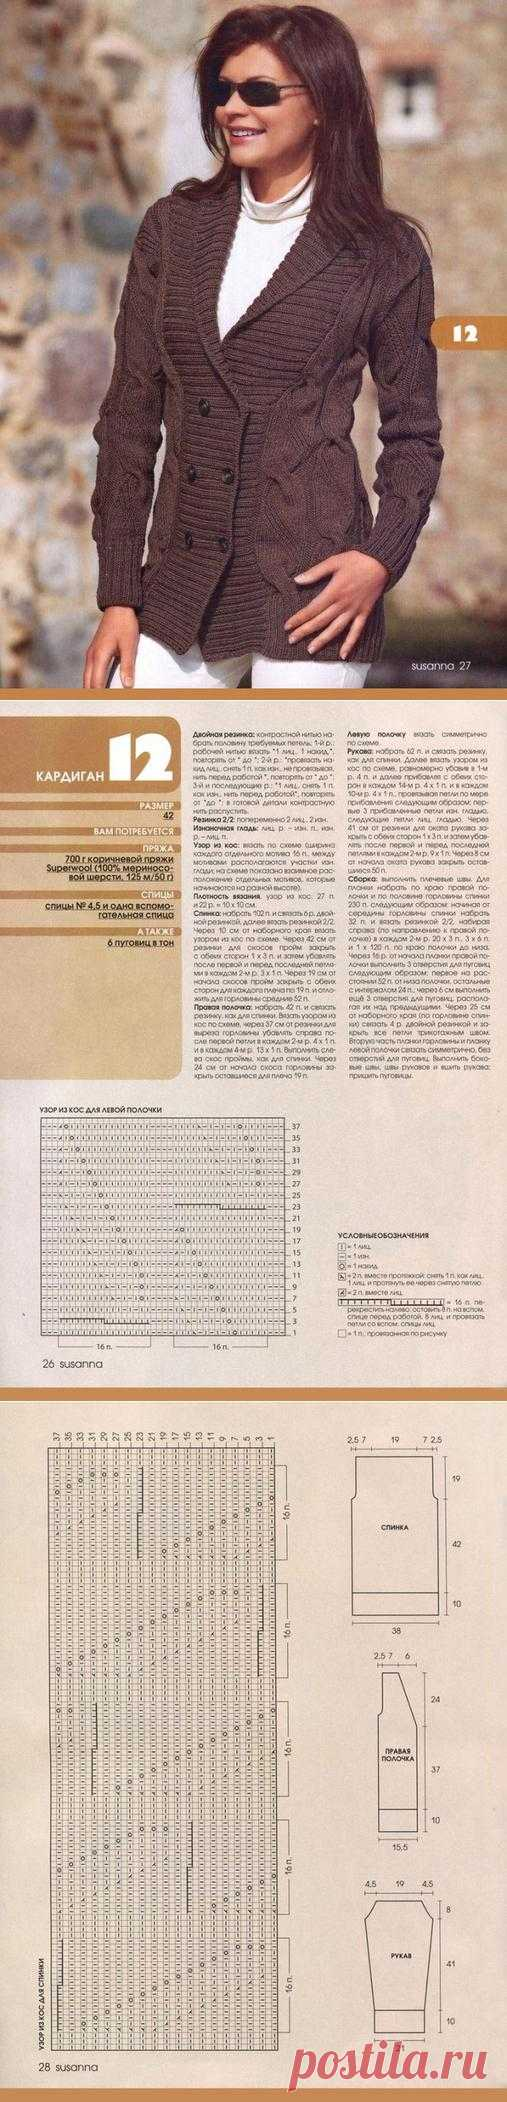 Блоги@Mail.Ru: Двубортный кардиган спицами